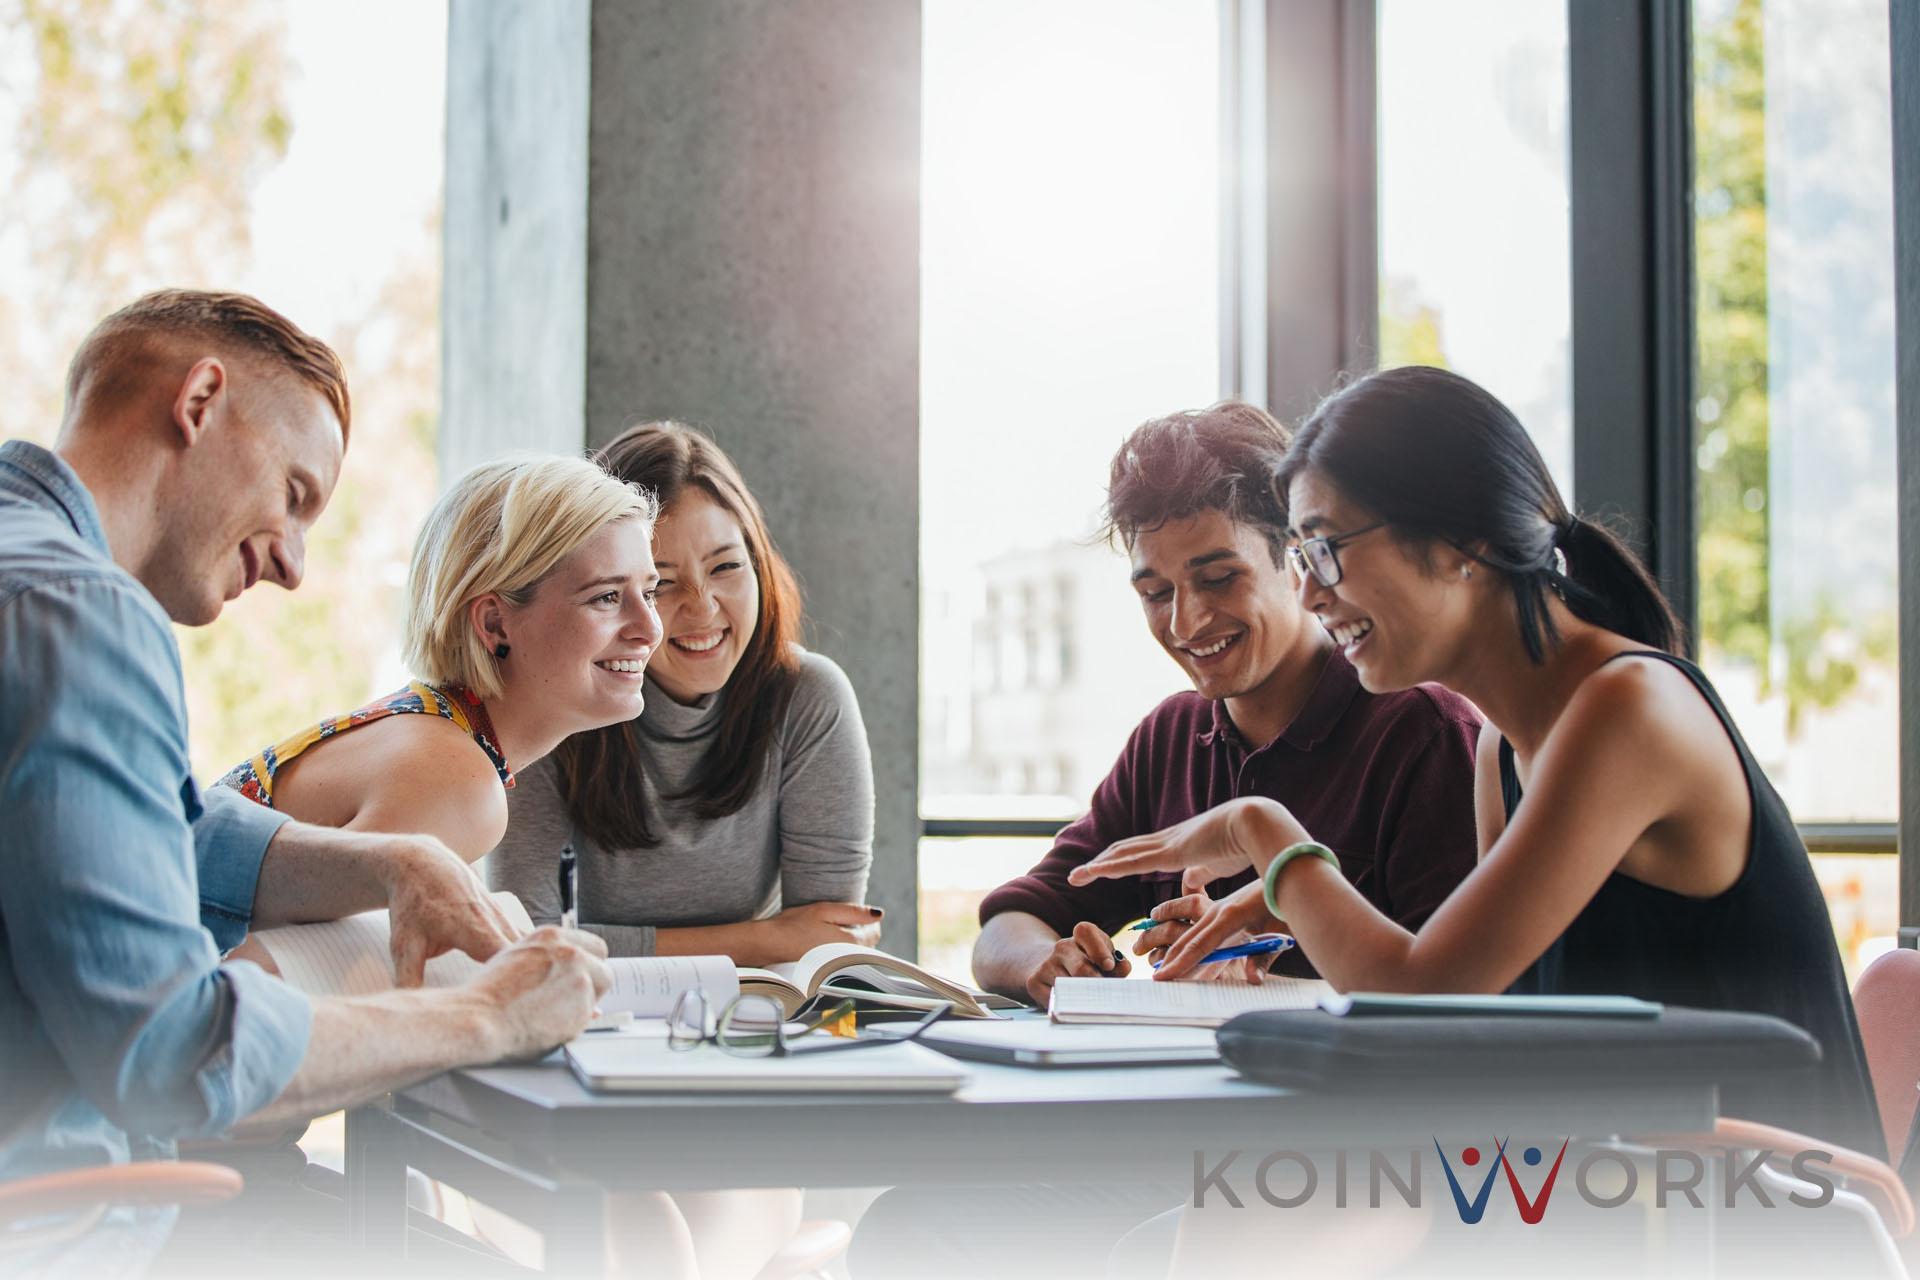 4 Trik Mudah agar Anda Rajin Belajar Setiap Hari (5) - 3 Alasan Mengapa Anda Membutuhkan Lebih dari Satu Mentor - Belajar Bahasa Asing Lebih Efisien Berkat 6 Tips dari Para Pakar Berikut - Mana yang Lebih Efektif: Belajar Secara Privat atau Berkelompok?